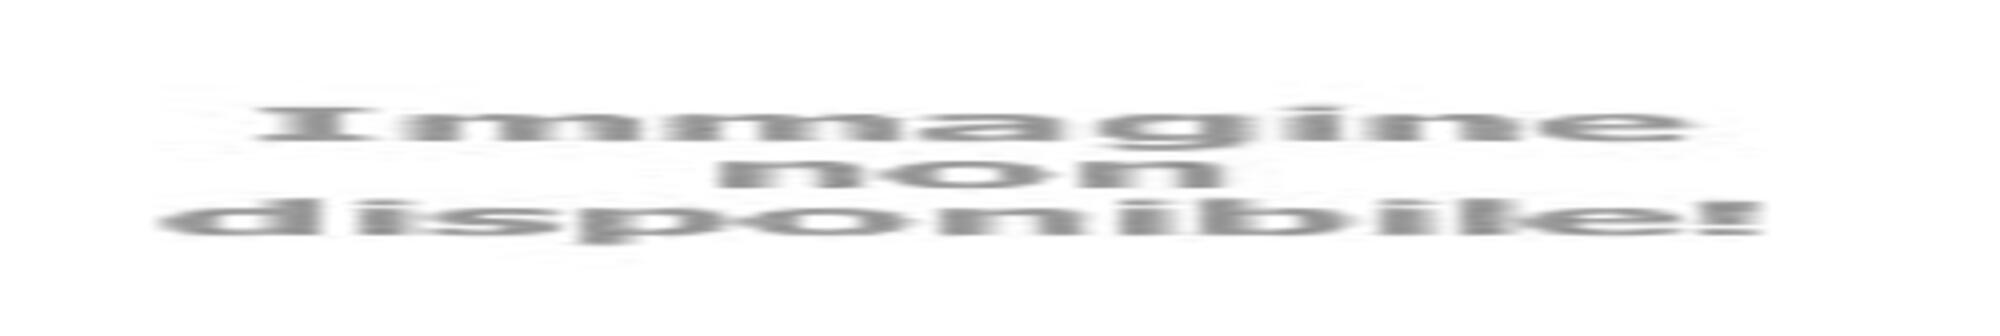 Offerta ultima settimana Agosto 2018 all inclusive e spiaggia a Igea Marina